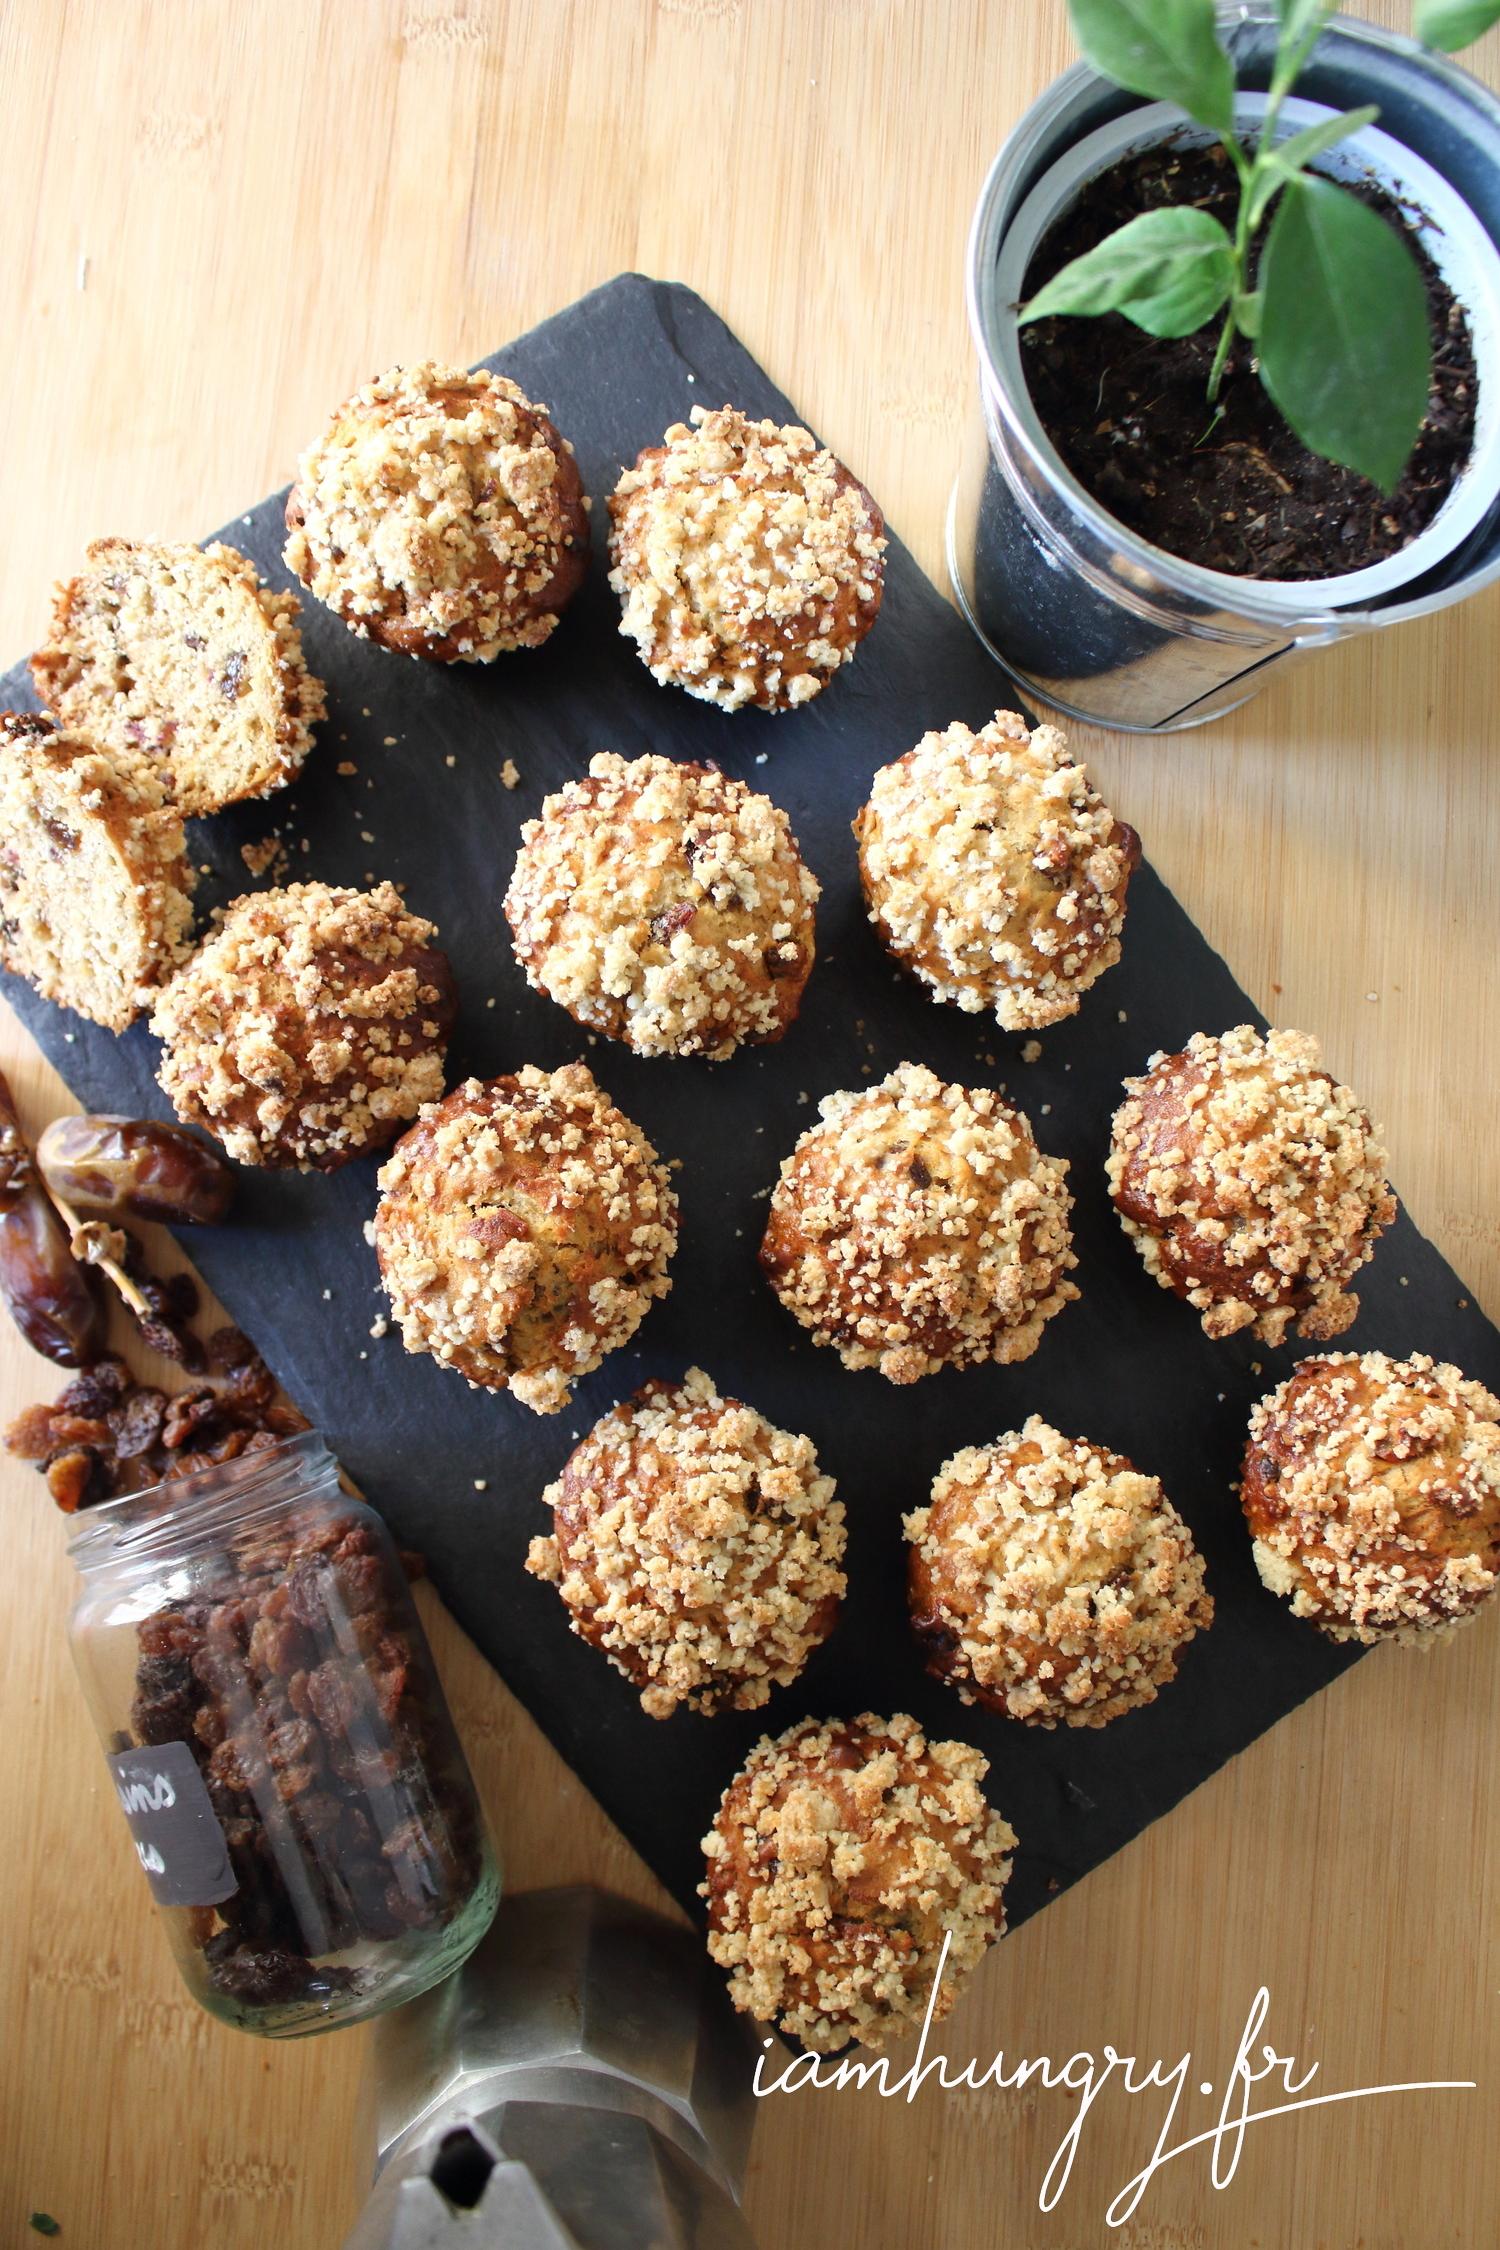 Muffins à l'érable aux dattes et raisins secs